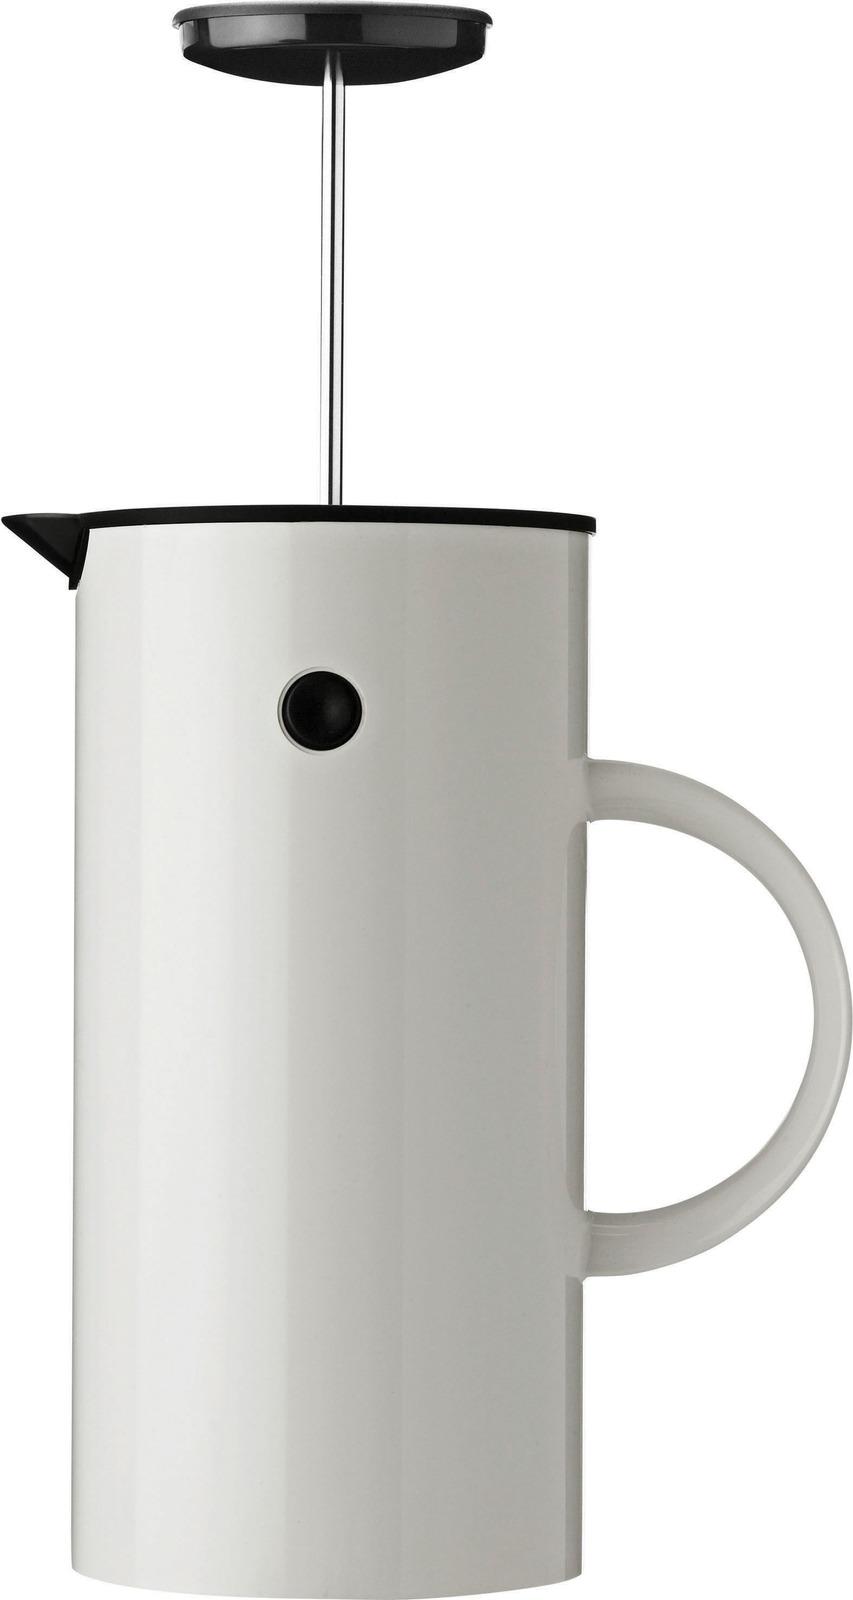 Объем 1 л. С помощью френч-пресса EM можно приготовить до 8 чашек кофе. Двойные стенки позволят кофе во френч-прессе оставаться горячим на протяжении длительного времени. Кофе для френч-пресса должен быть крупного помола, воду лучше использовать фильтрованную. Перед тем как начать заваривать кофе, френч-пресс нужно прогреть, чтобы не было резкого перепада температур и кофе заваривался равномерно: залить в него горячую воду, перемешать и вылить. После чего насыпать 17 граммов кофе, залить сначала 60 миллилитров воды, несколько раз перемешать и оставить на 30 секунд. Предварительно добавлять воду нужно для того, чтобы вкус раскрылся более полно. Затем добавить 200 миллилитров воды и засечь 5 минут 30 секунд. За это время сверху образуется корочка, которую можно снять: она придаёт дополнительную горечь. Перемешайте и продавите френч-прессом. Наливайте кофе  в прогретую чашку, чтобы избежать перепада температур.